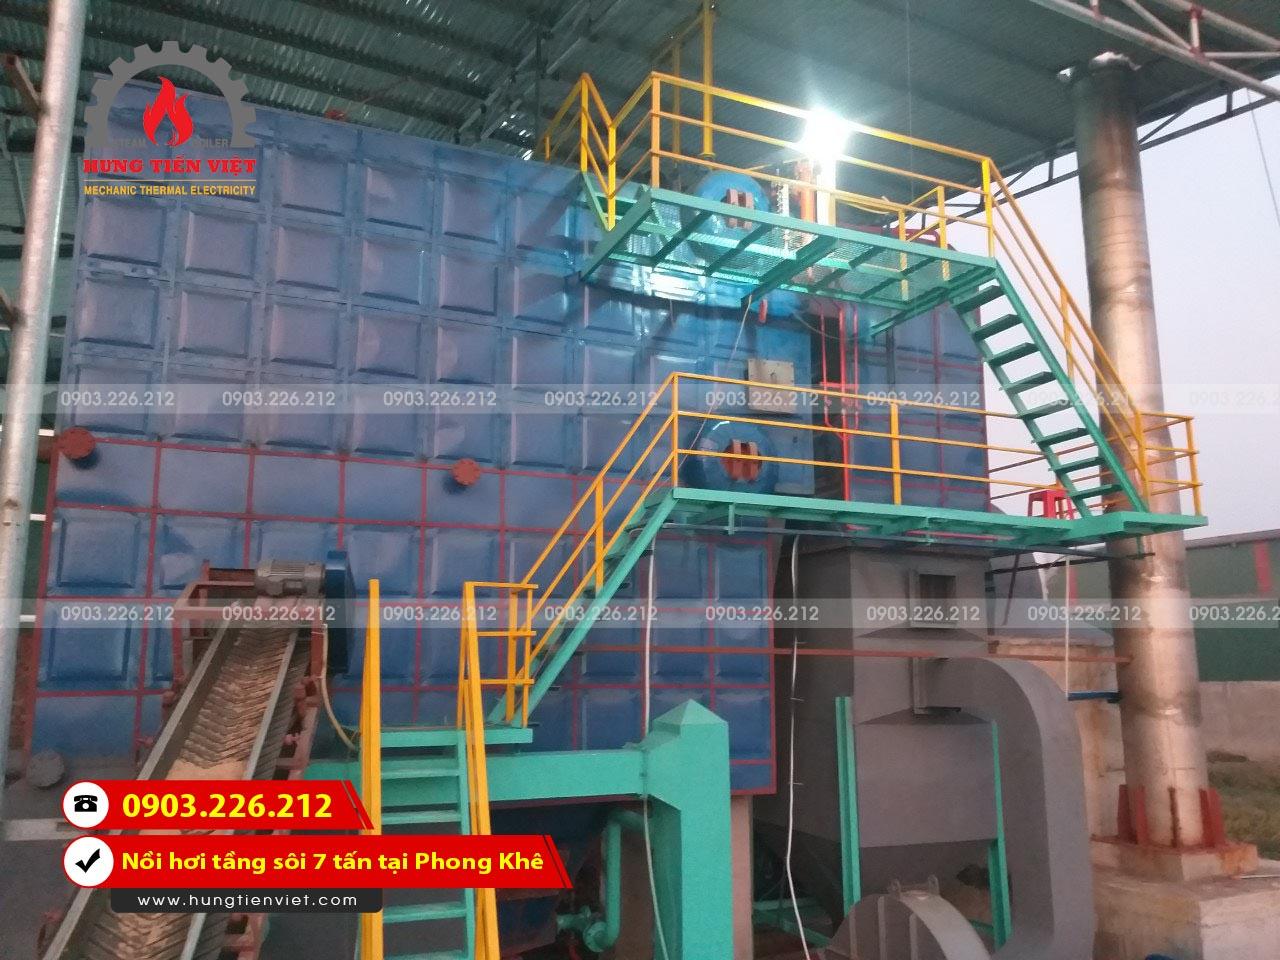 Dự án nồi hơi tầng sôi 7 tấn phường Phong Khê, Bắc Ninh